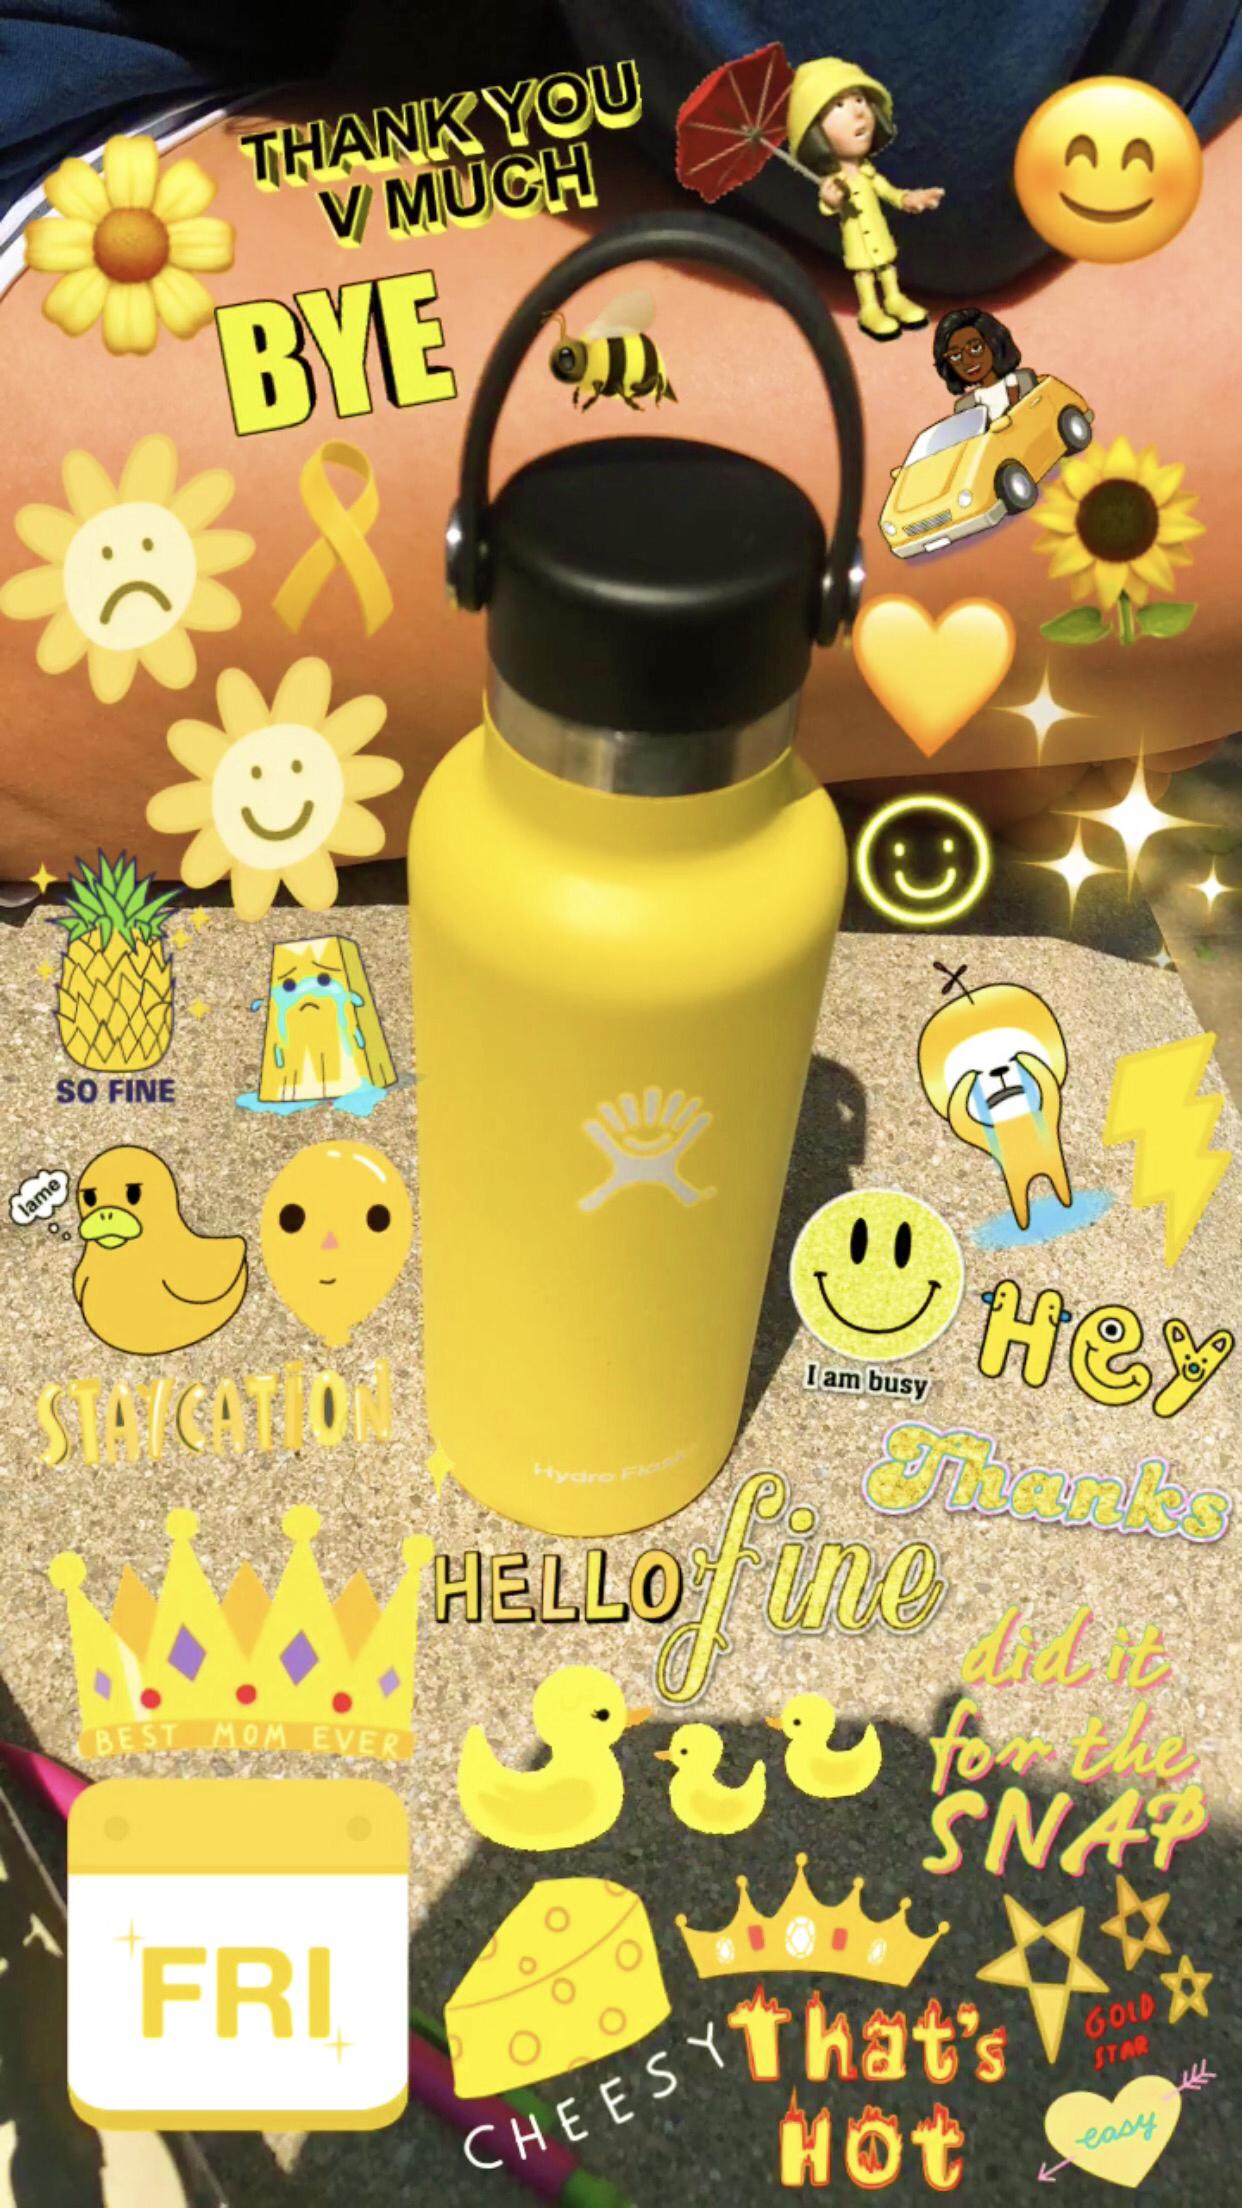 Hydroflask Hydroflask White Water Bottle Hydro Flask Bottle